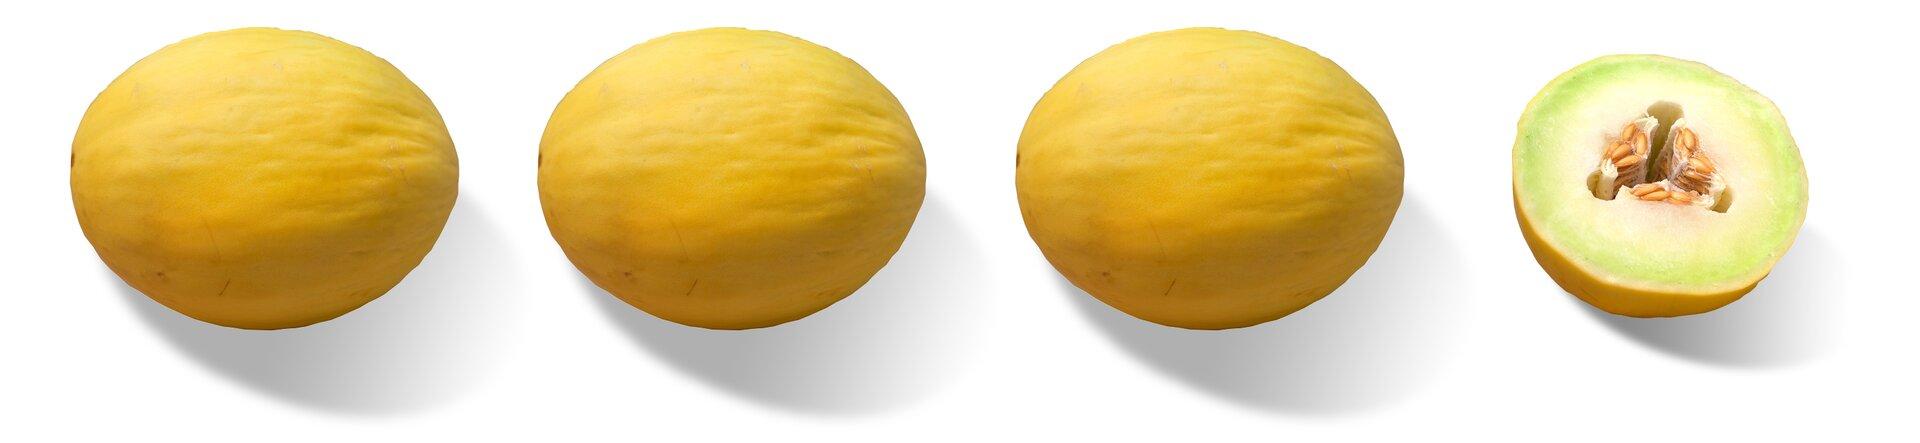 Rysunek trzech całych melonów ipołowa czwartego melona.